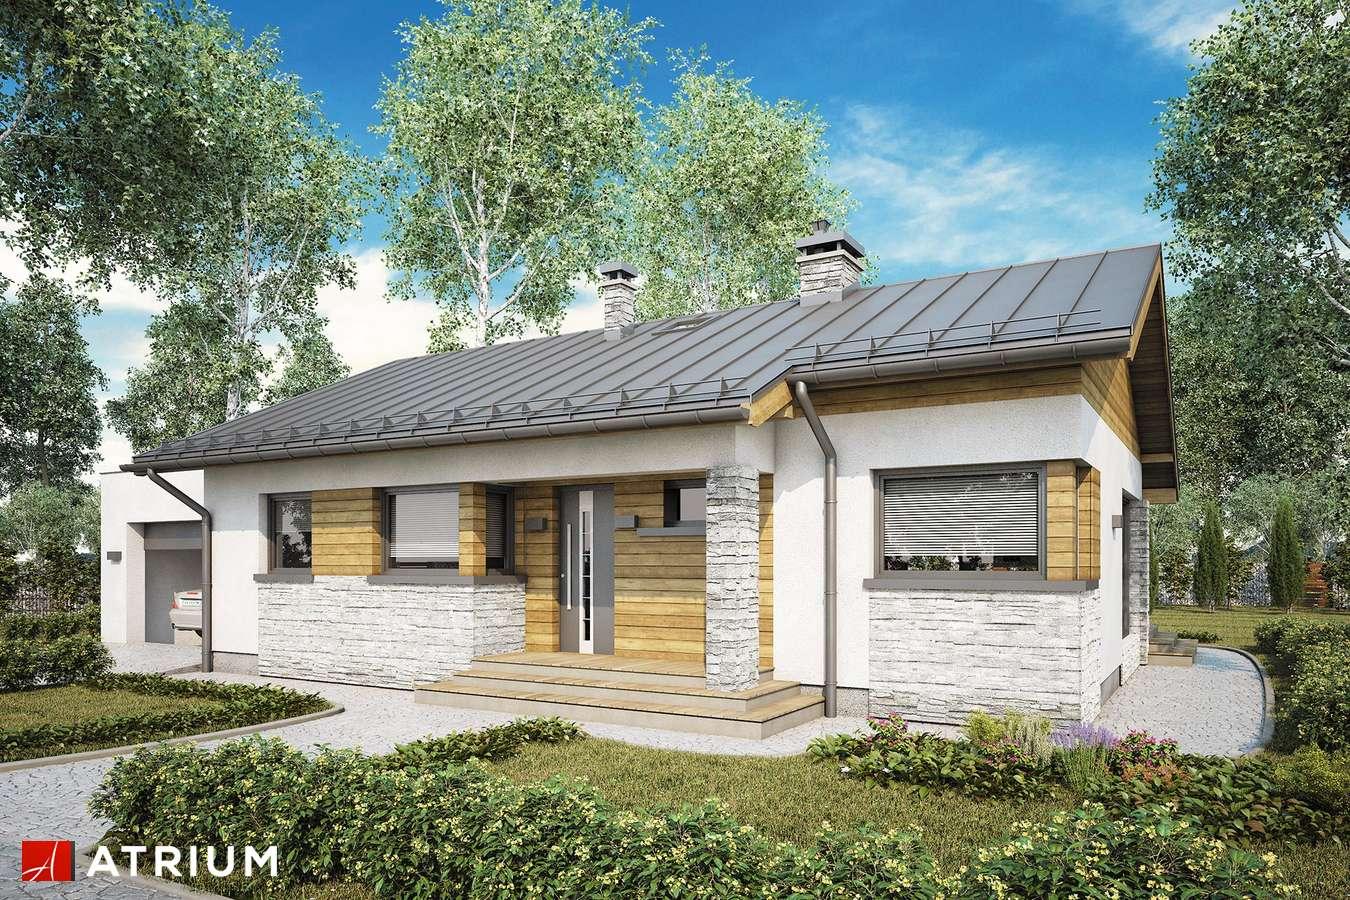 Projekty domów - Projekt domu parterowego ROBERTO III SZ - wizualizacja 1